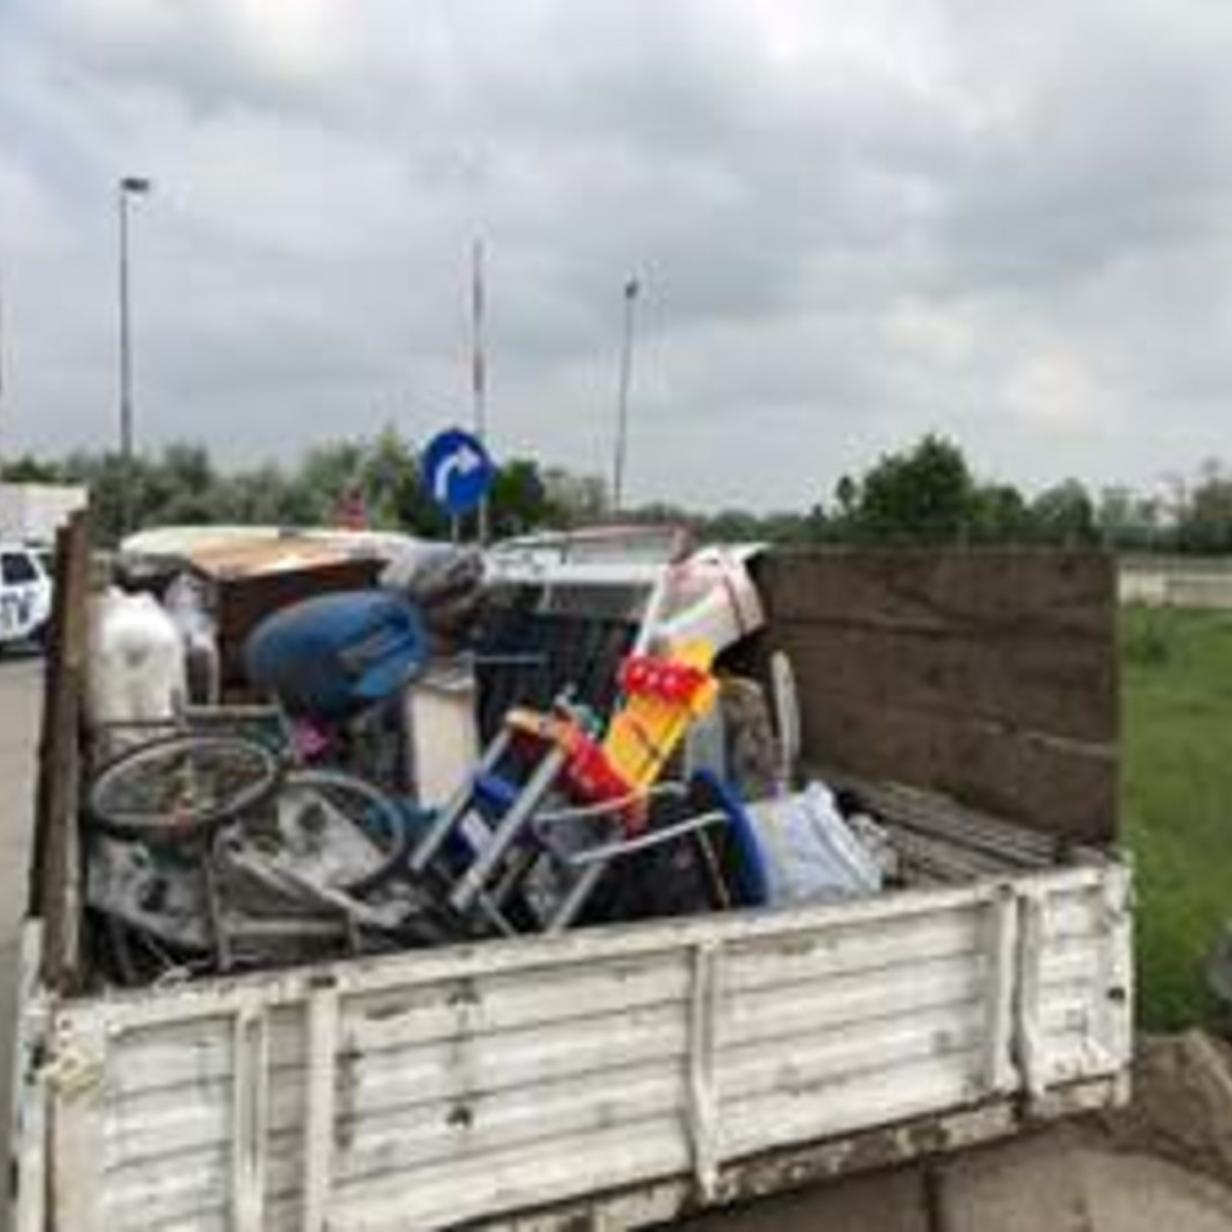 Lkw-Kontrollen im Burgenland: Für ein Drittel war Fahrt zu Ende